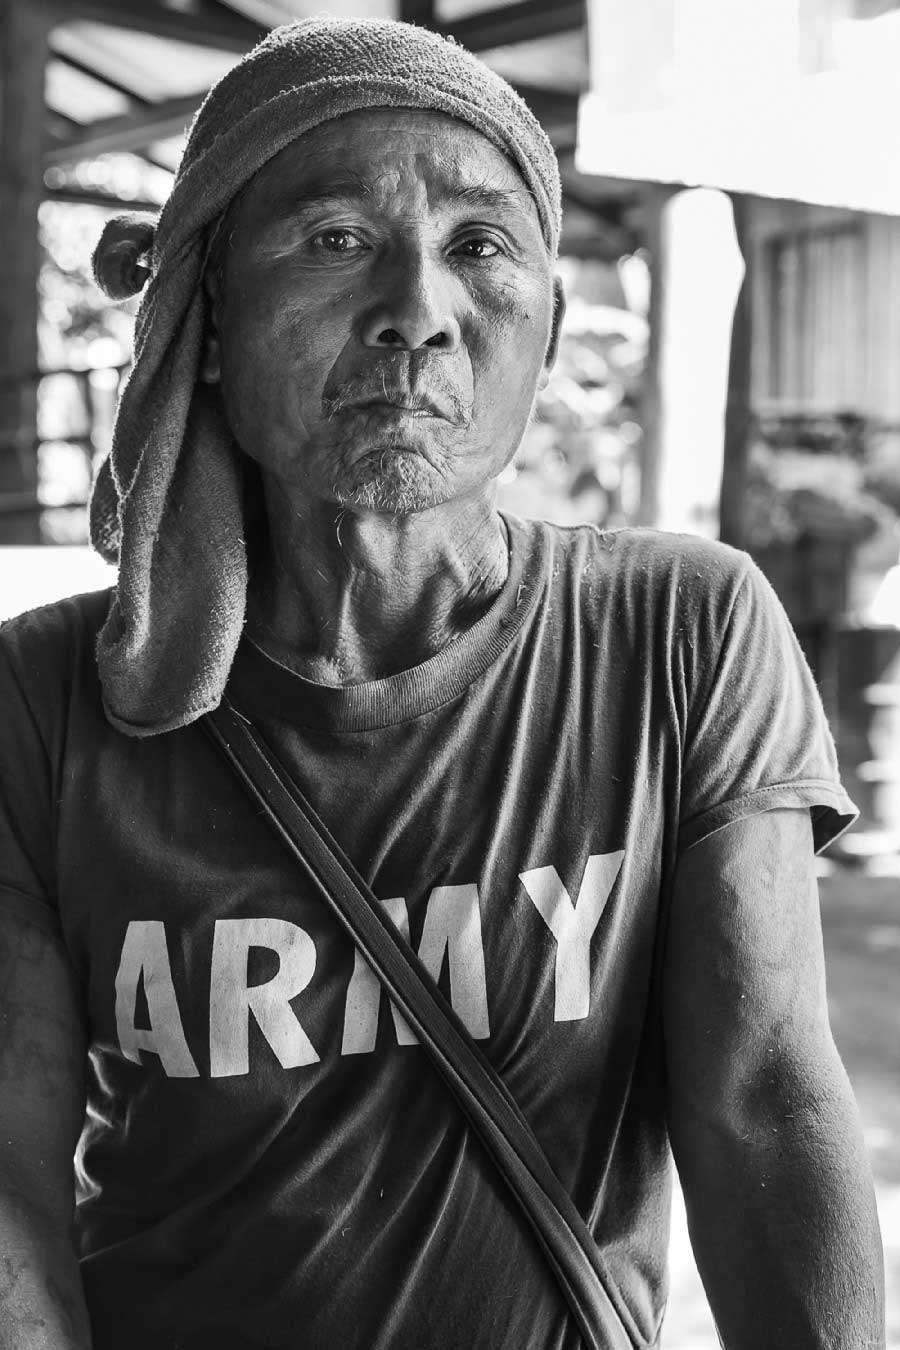 The Karen, another Burmese minority by David Verberckt